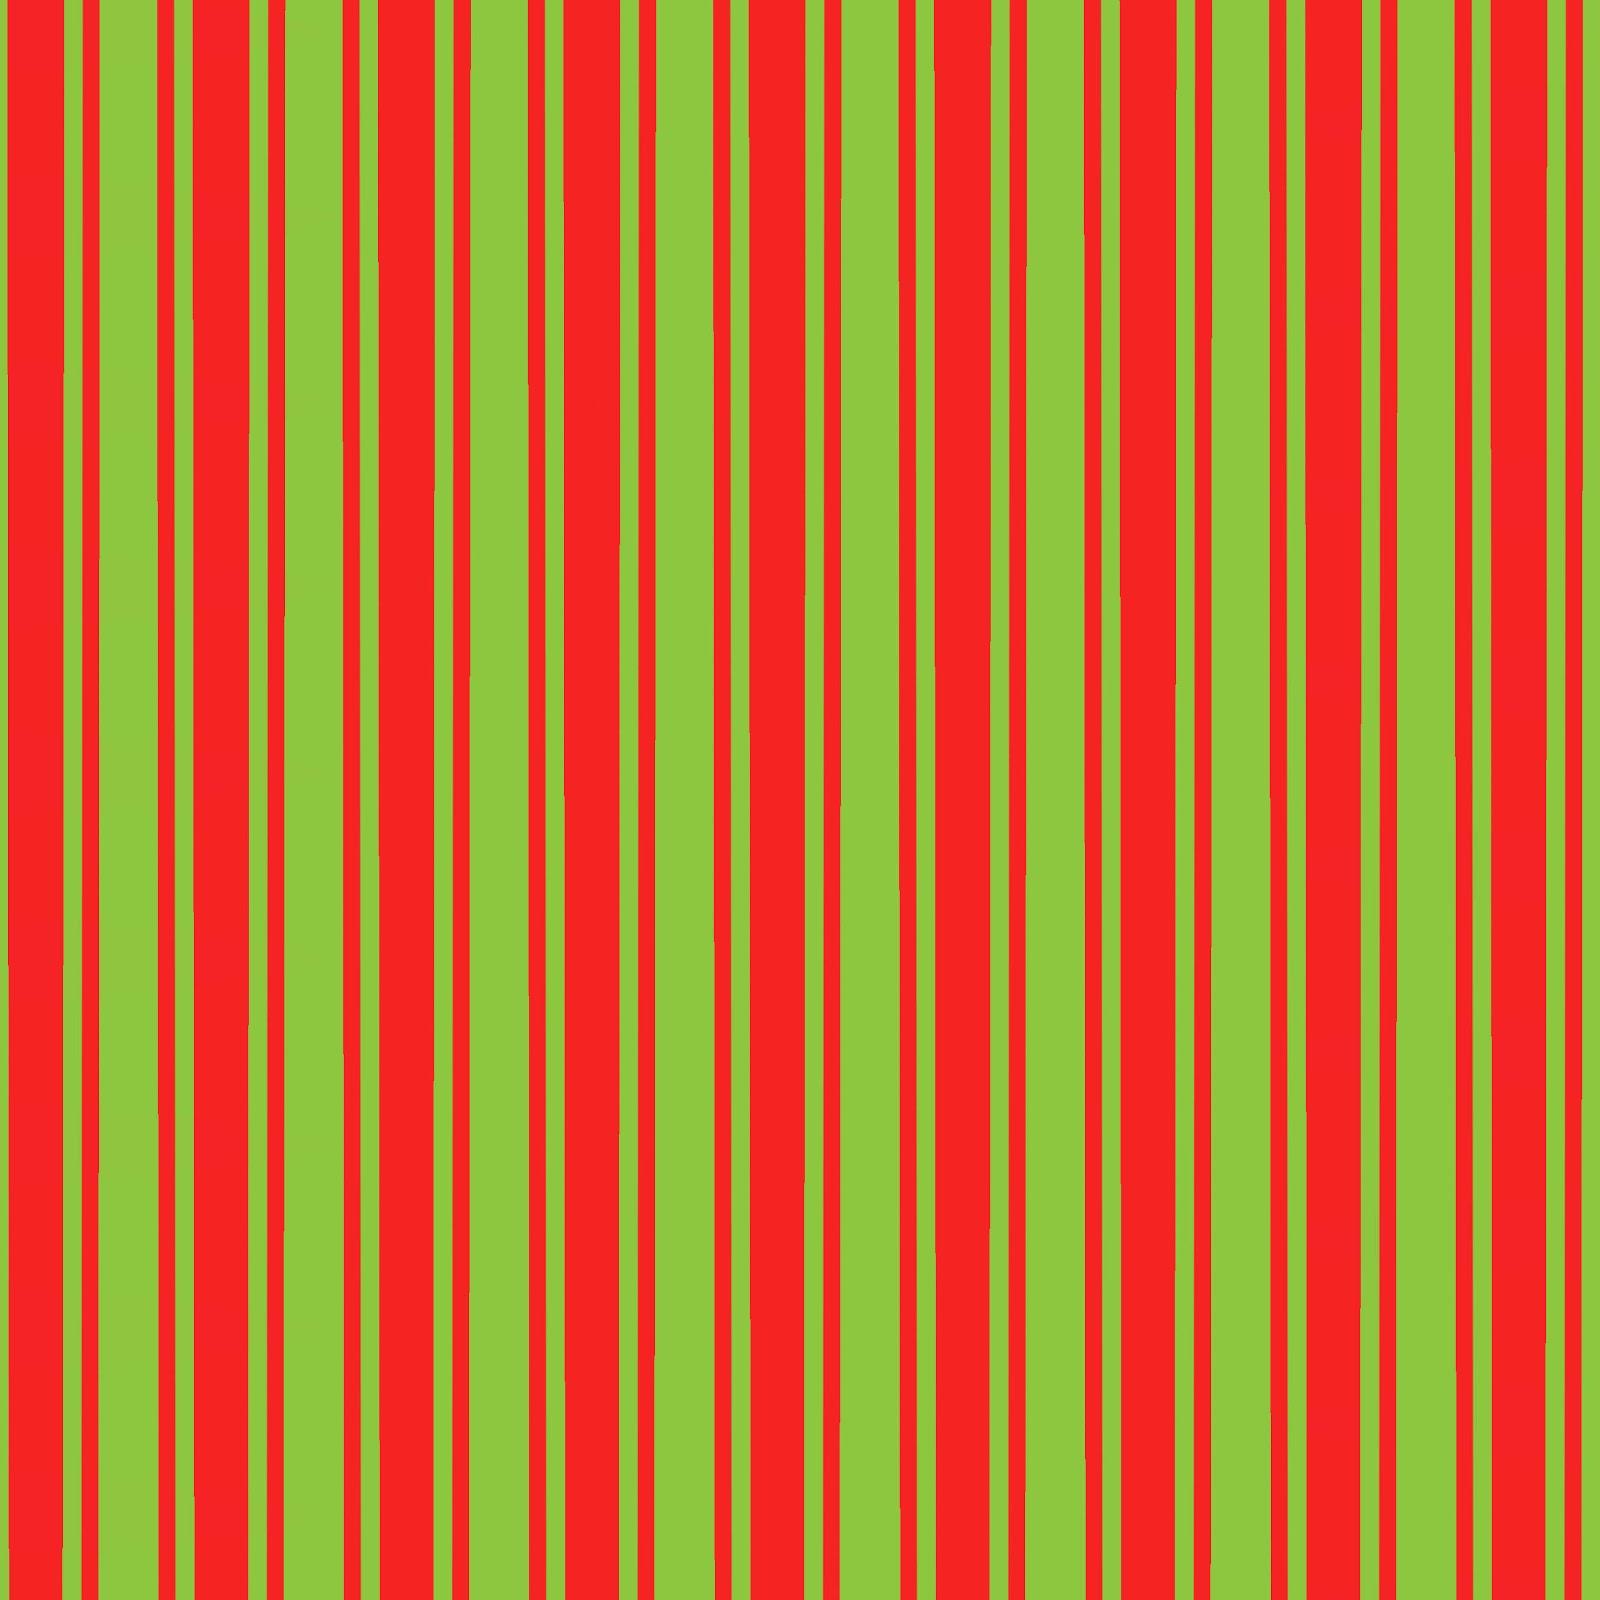 free vintage digital stamps free digital scrapbook paper green red stripes. Black Bedroom Furniture Sets. Home Design Ideas